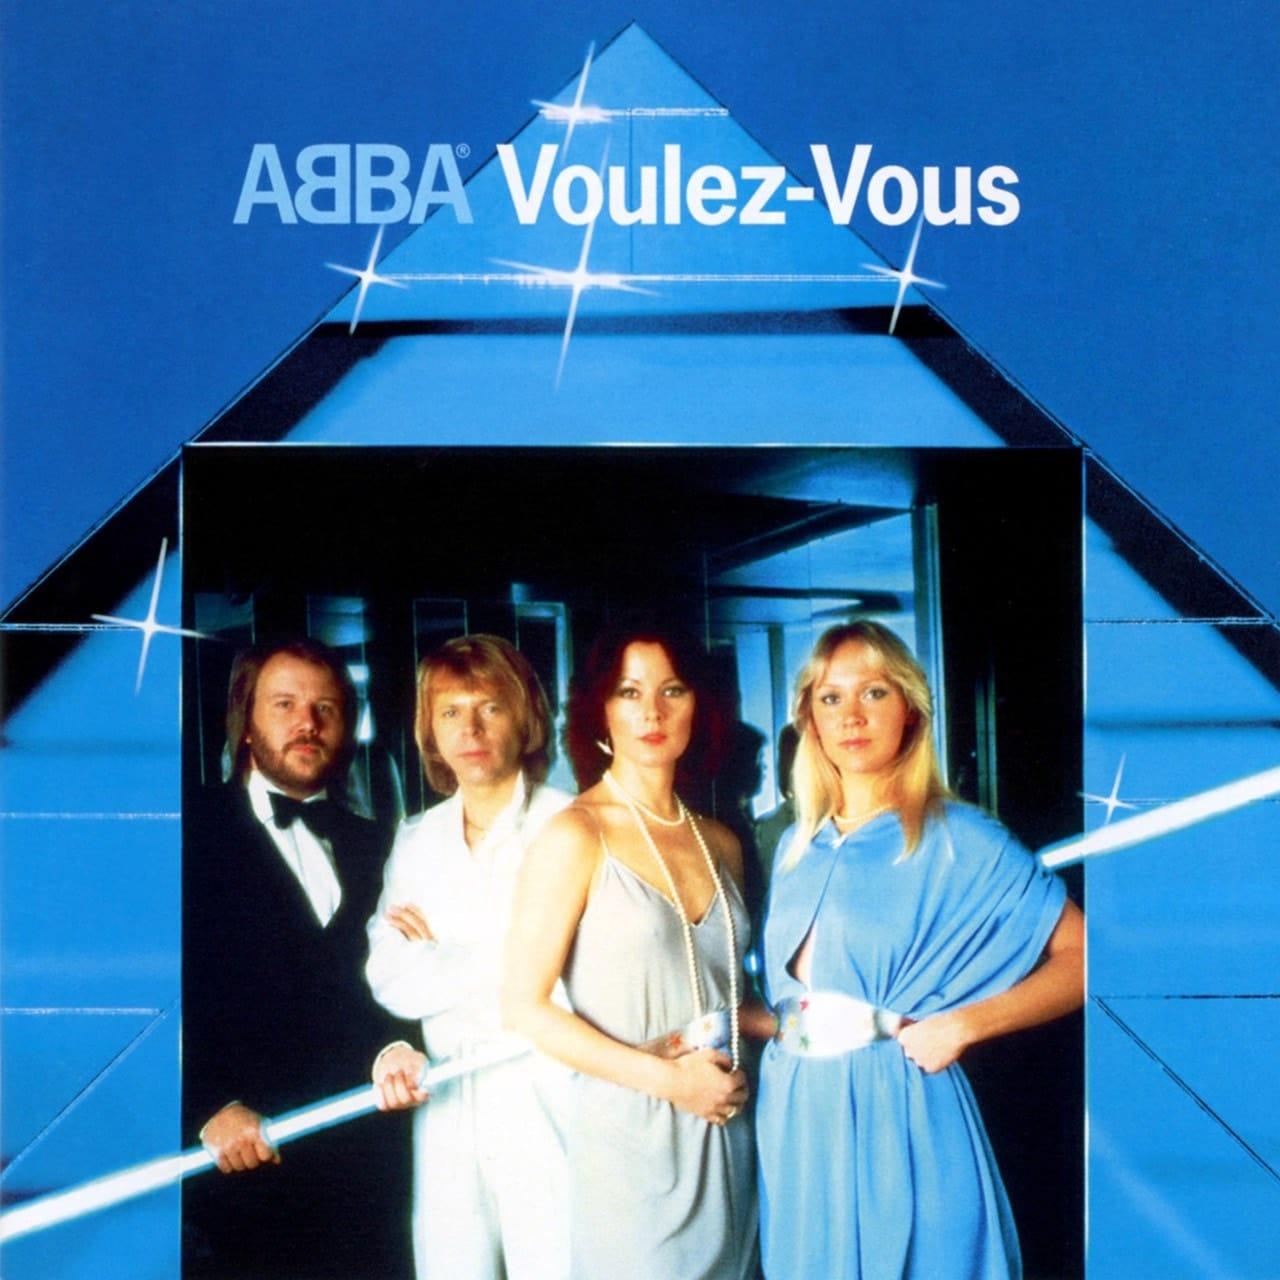 Voulez-Vous ABBA